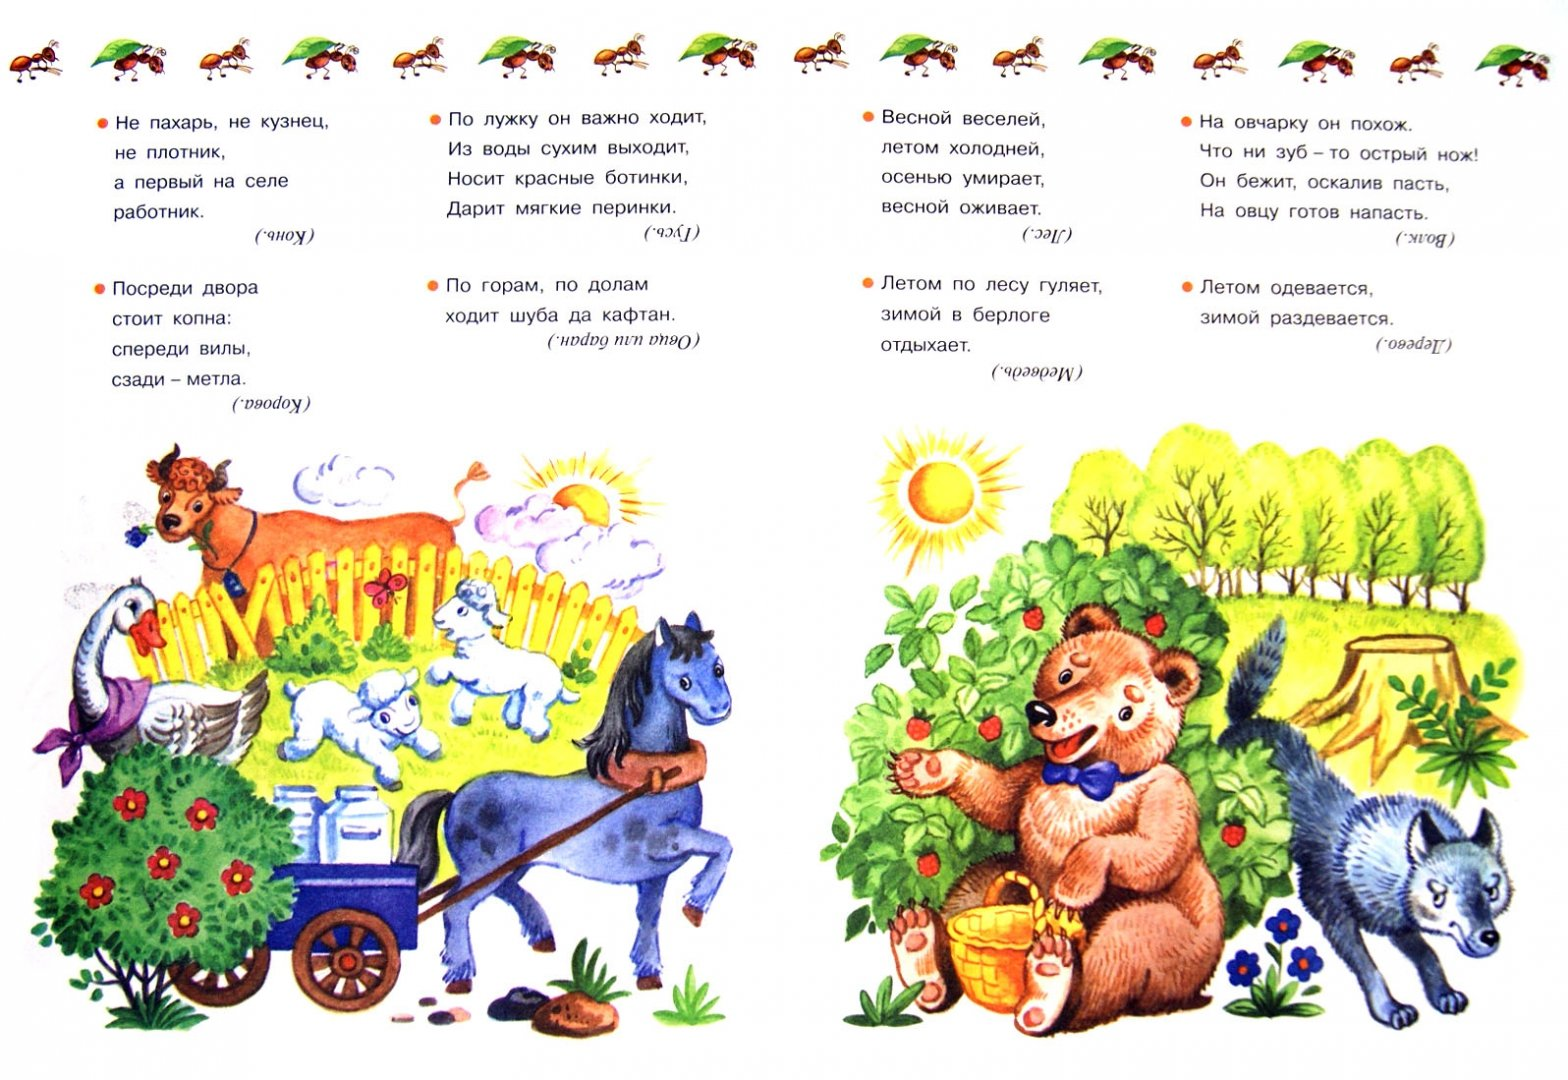 Иллюстрация 1 из 10 для А ну-ка, отгадай! | Лабиринт - книги. Источник: Лабиринт